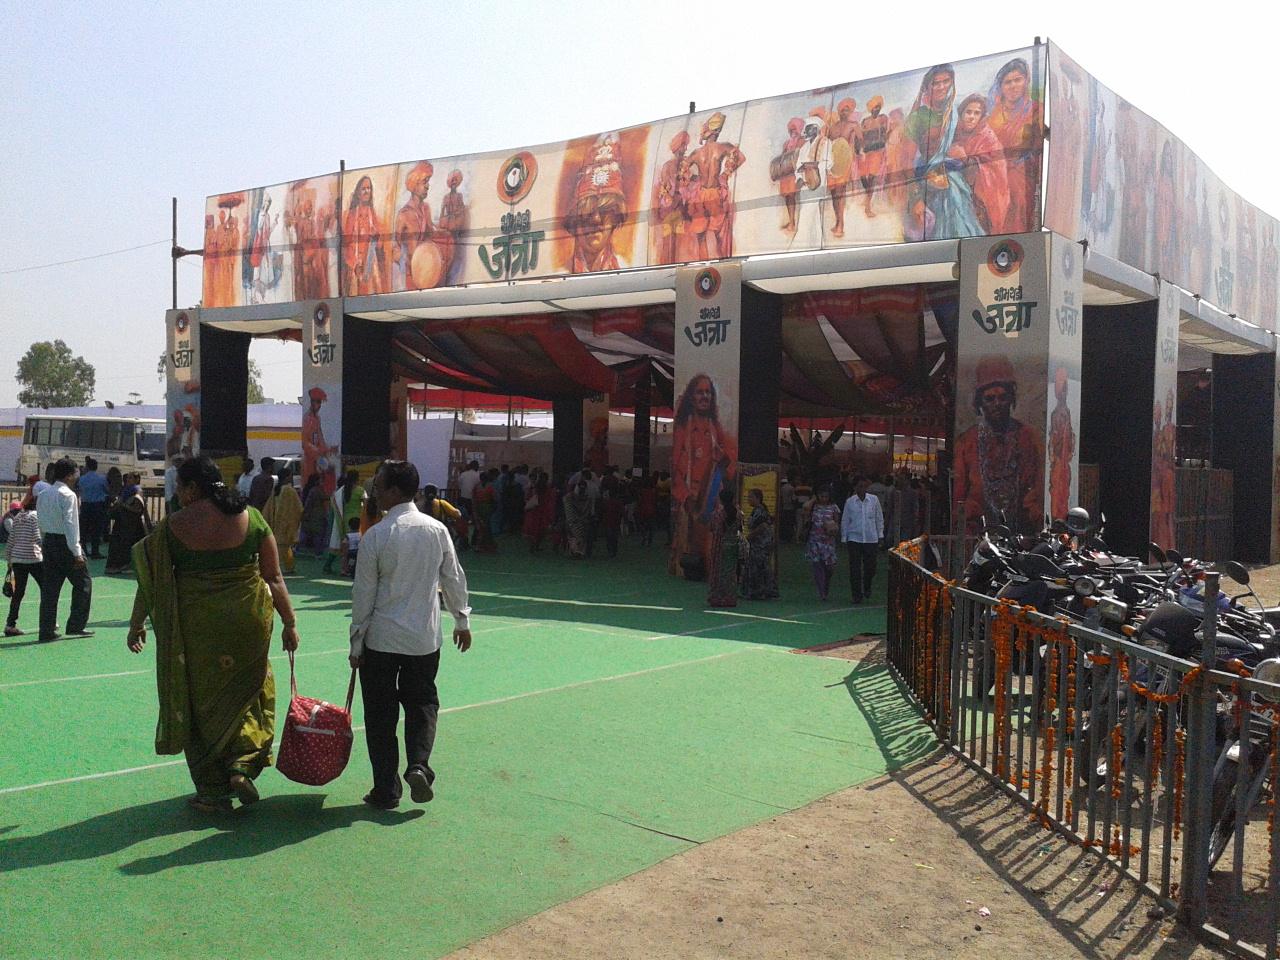 Bhimthadi Jatra 2013 – Annual Crafts Fair in Pune